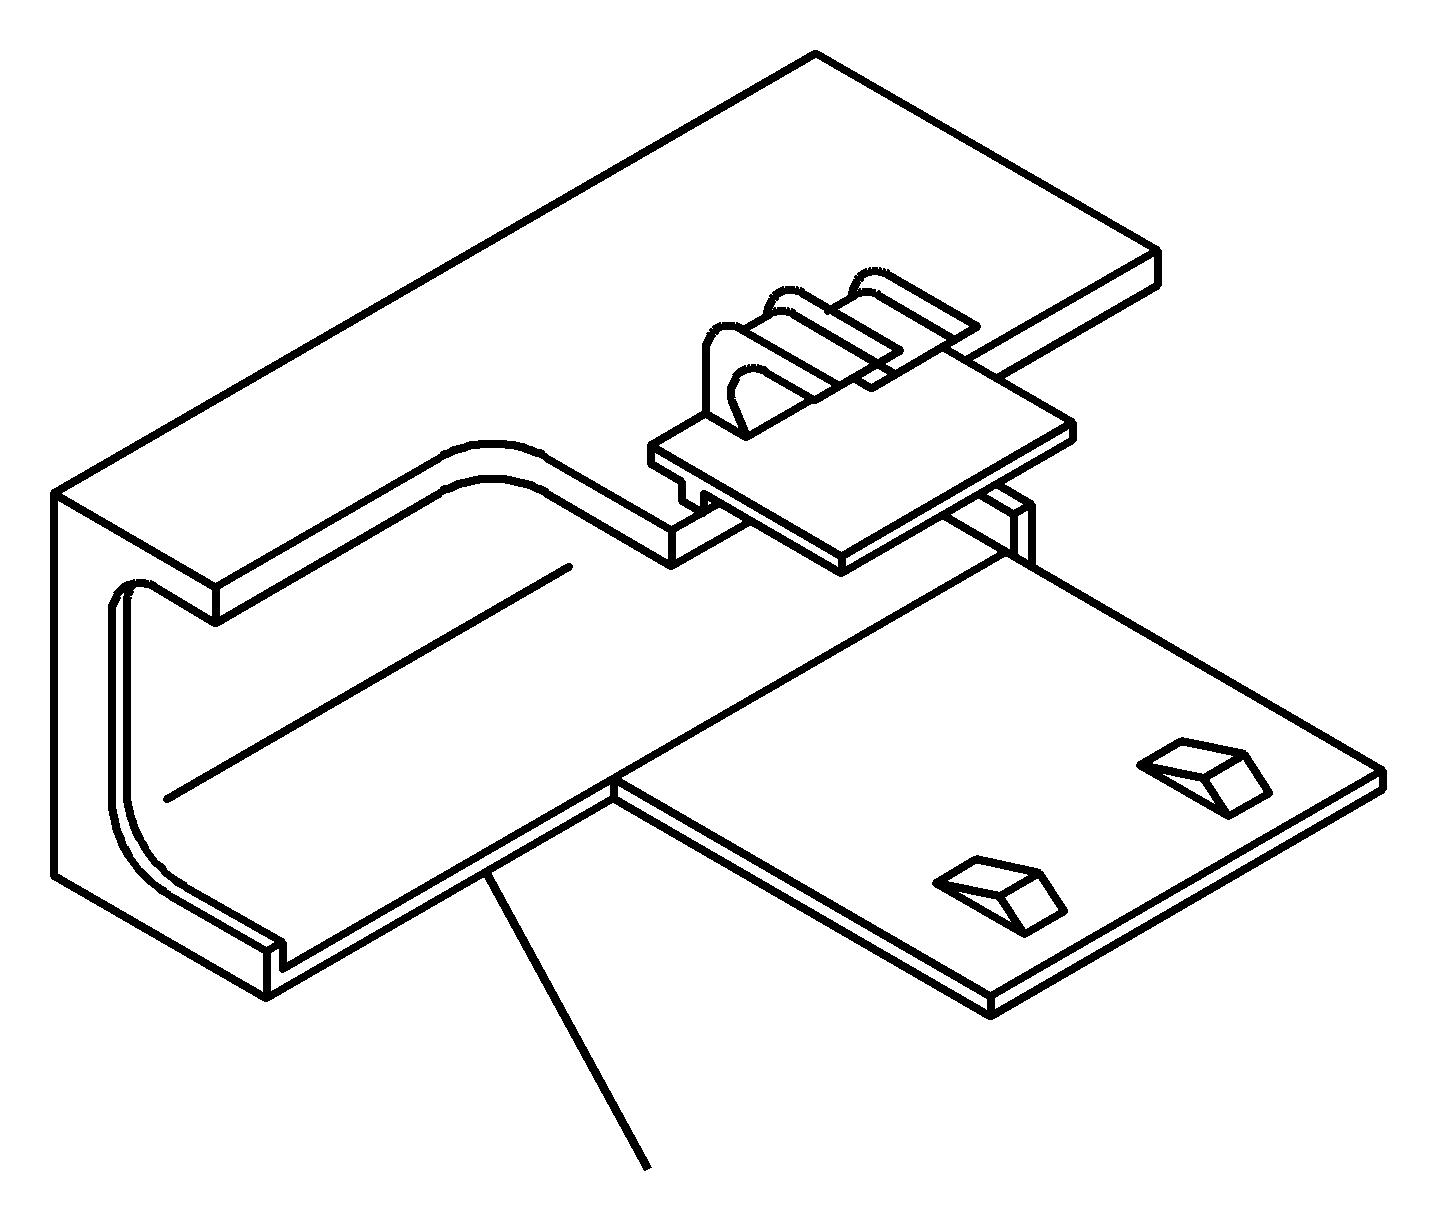 2015 Isuzu Npr Fuse Box Diagram / Wiring Diagram PDF